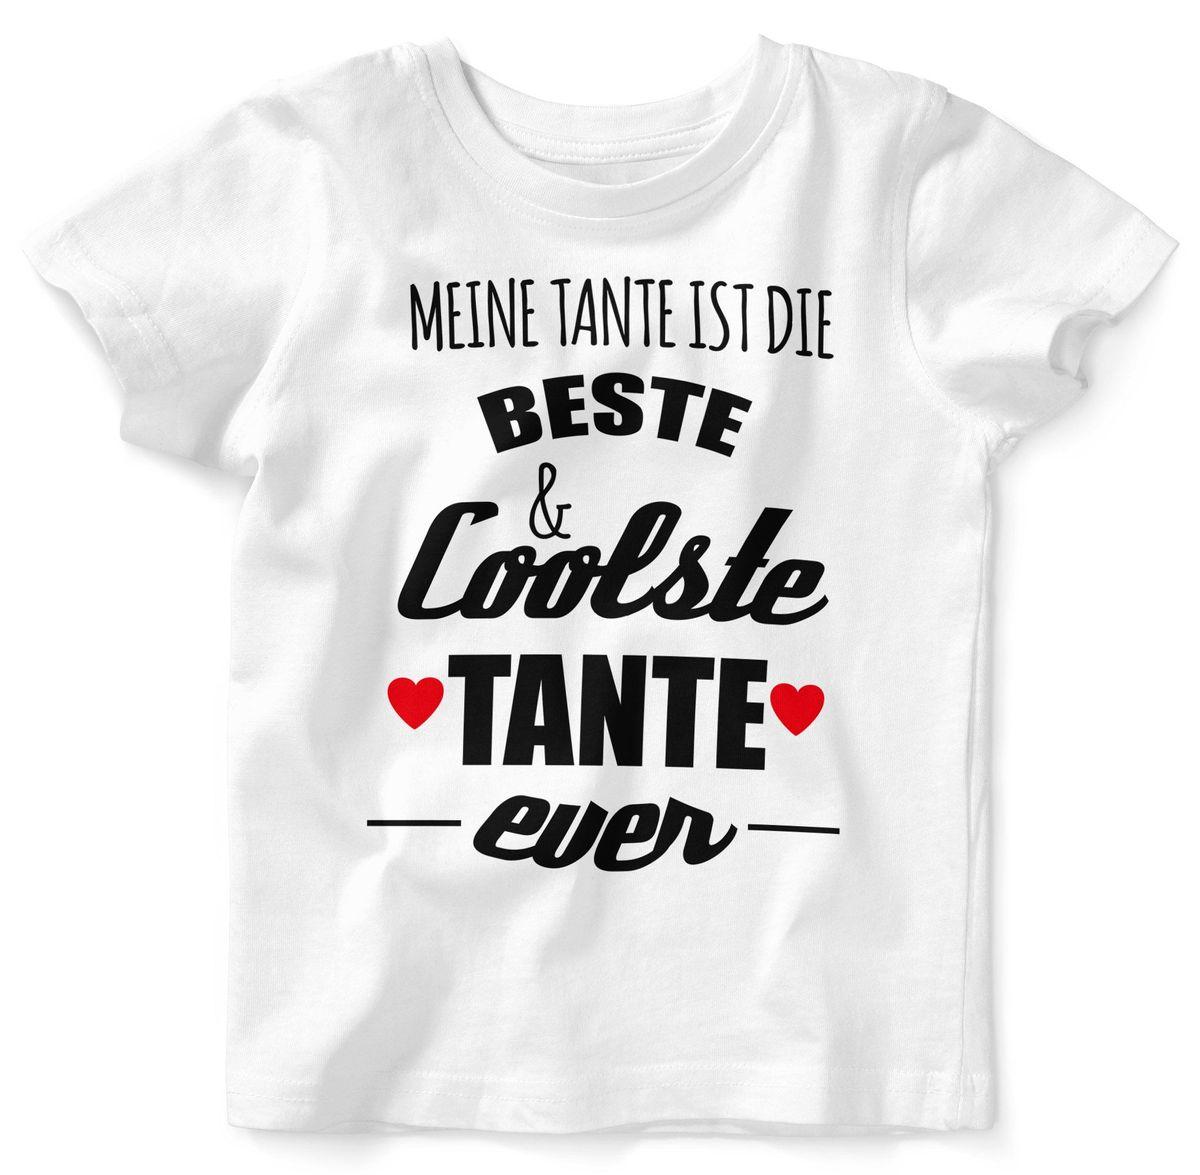 Full Size of Coole T Shirts Mit Sprüchen Baby T Shirt Coole Sprüche Coole Tshirt Sprüche Für Kinder Coole Sprüche Für T Shirt Küche Coole T Shirt Sprüche